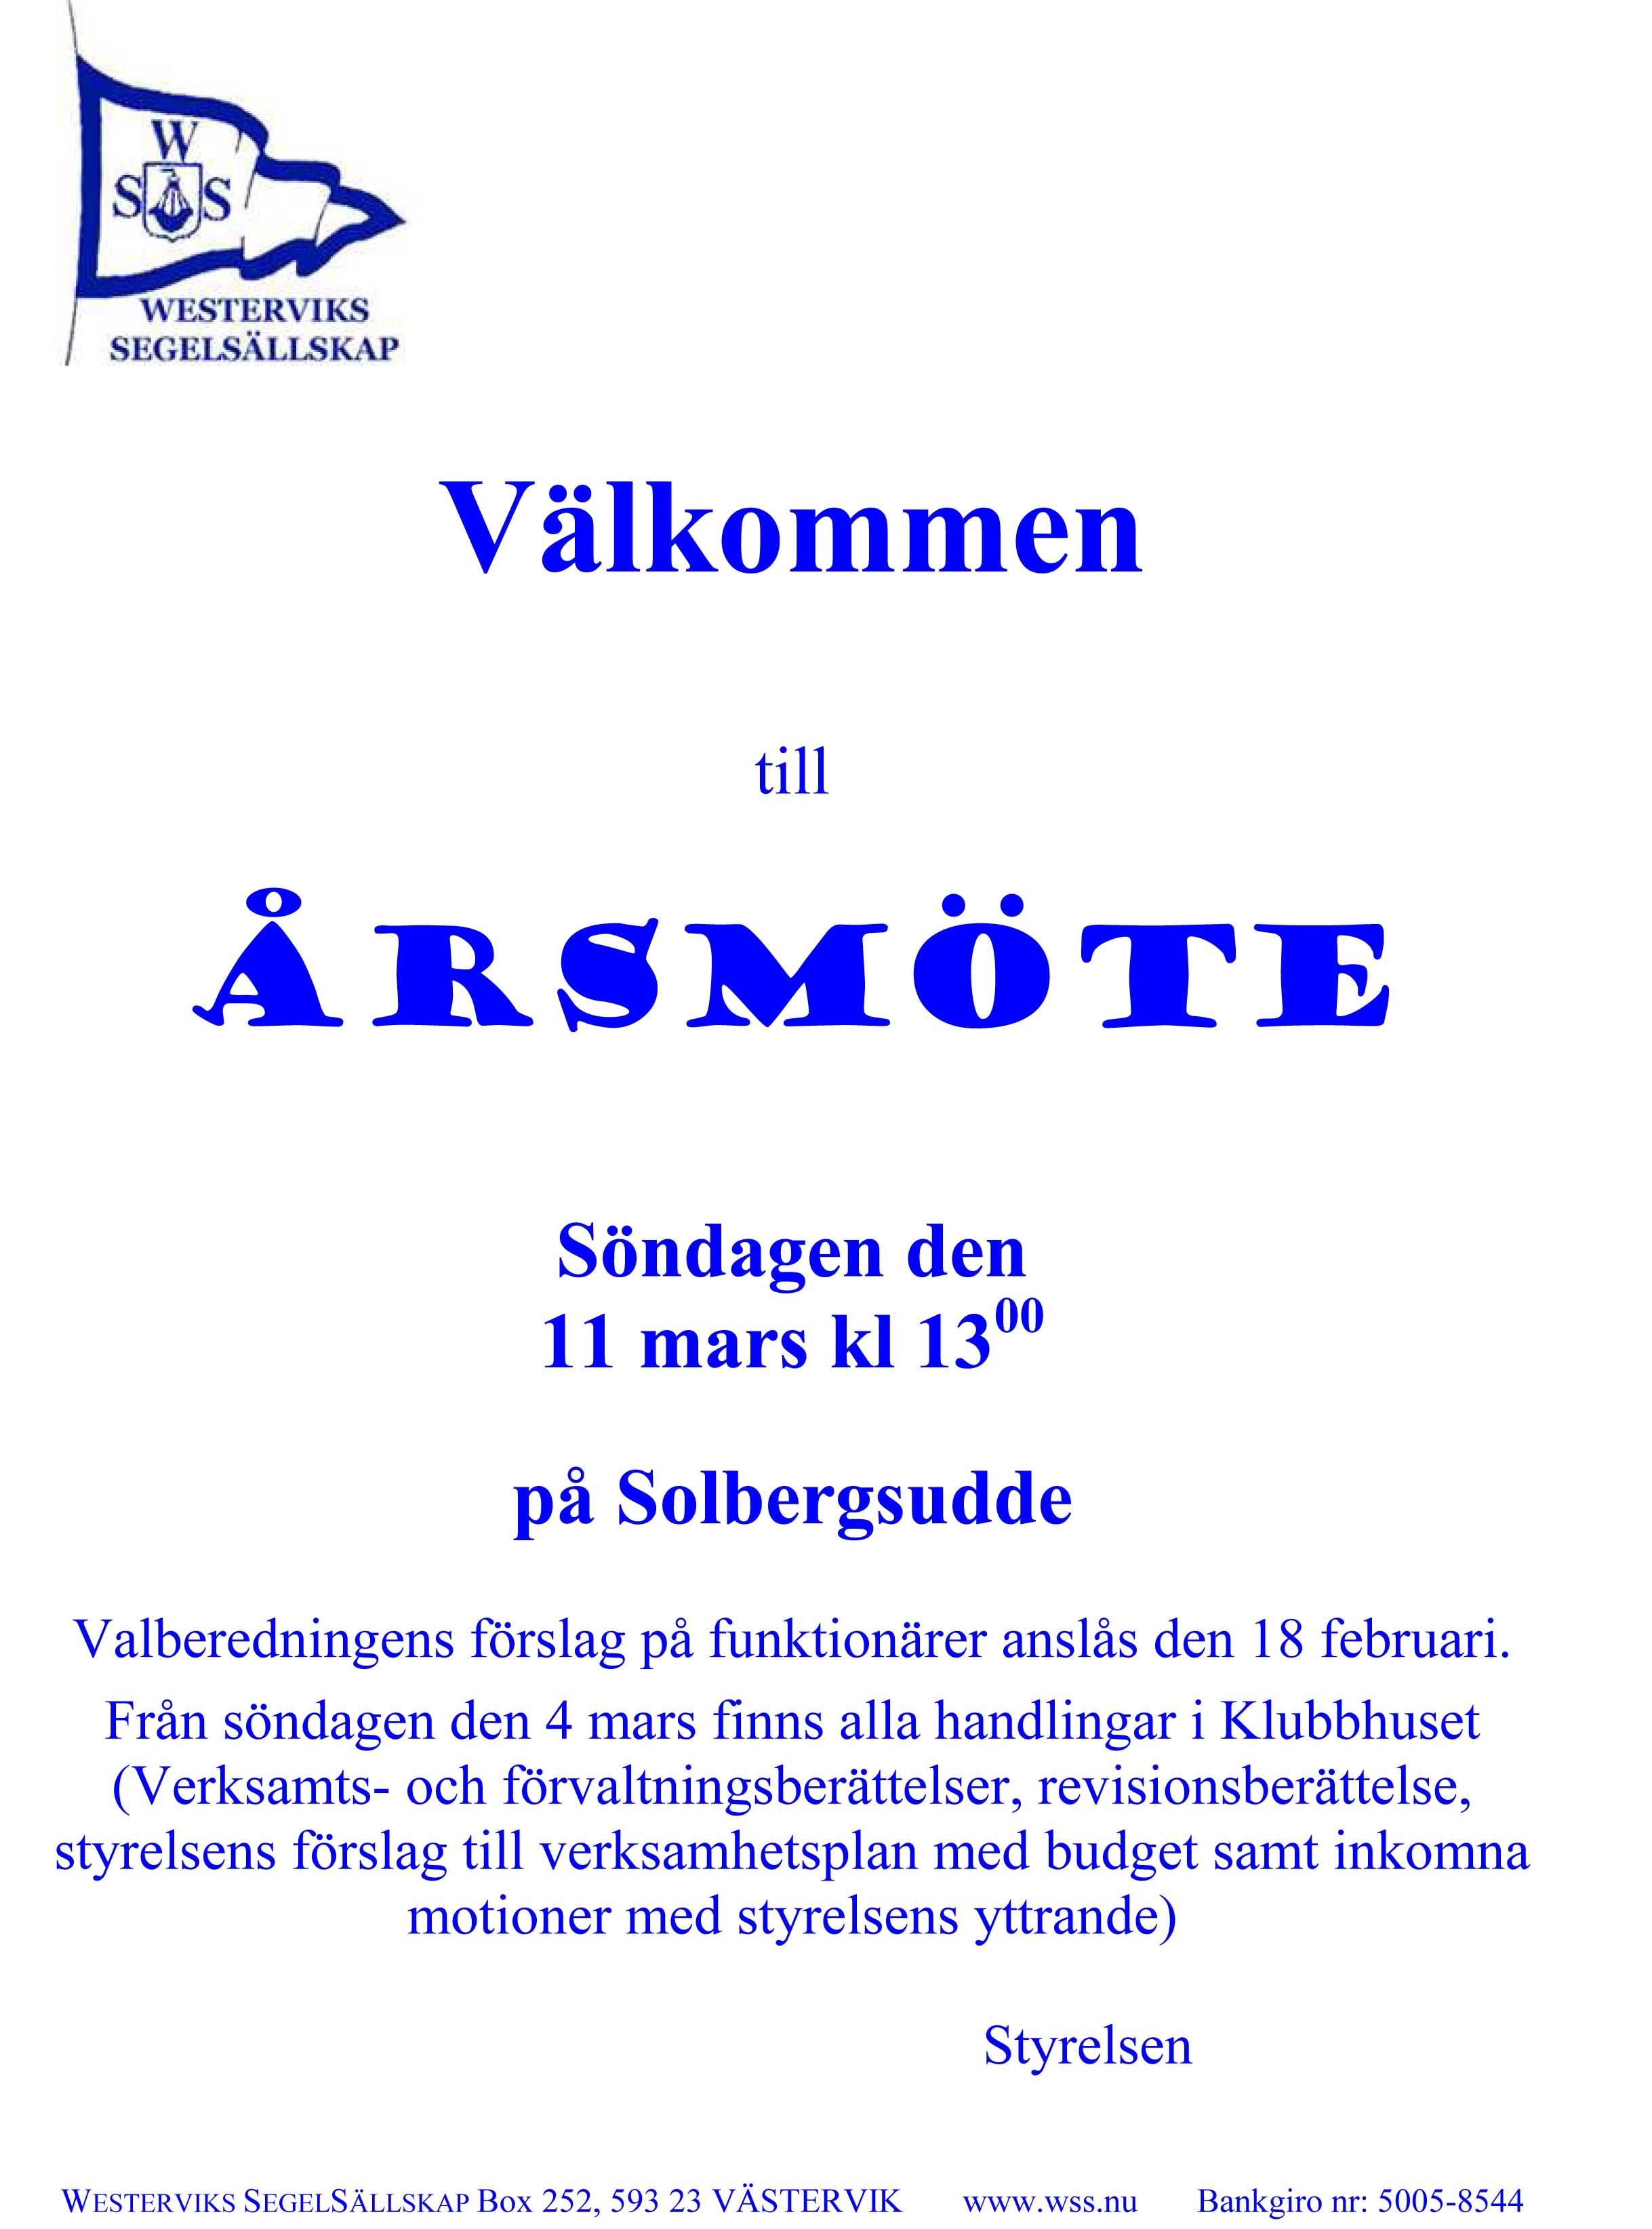 Lösenordsskyddad: Årsmöte 2012